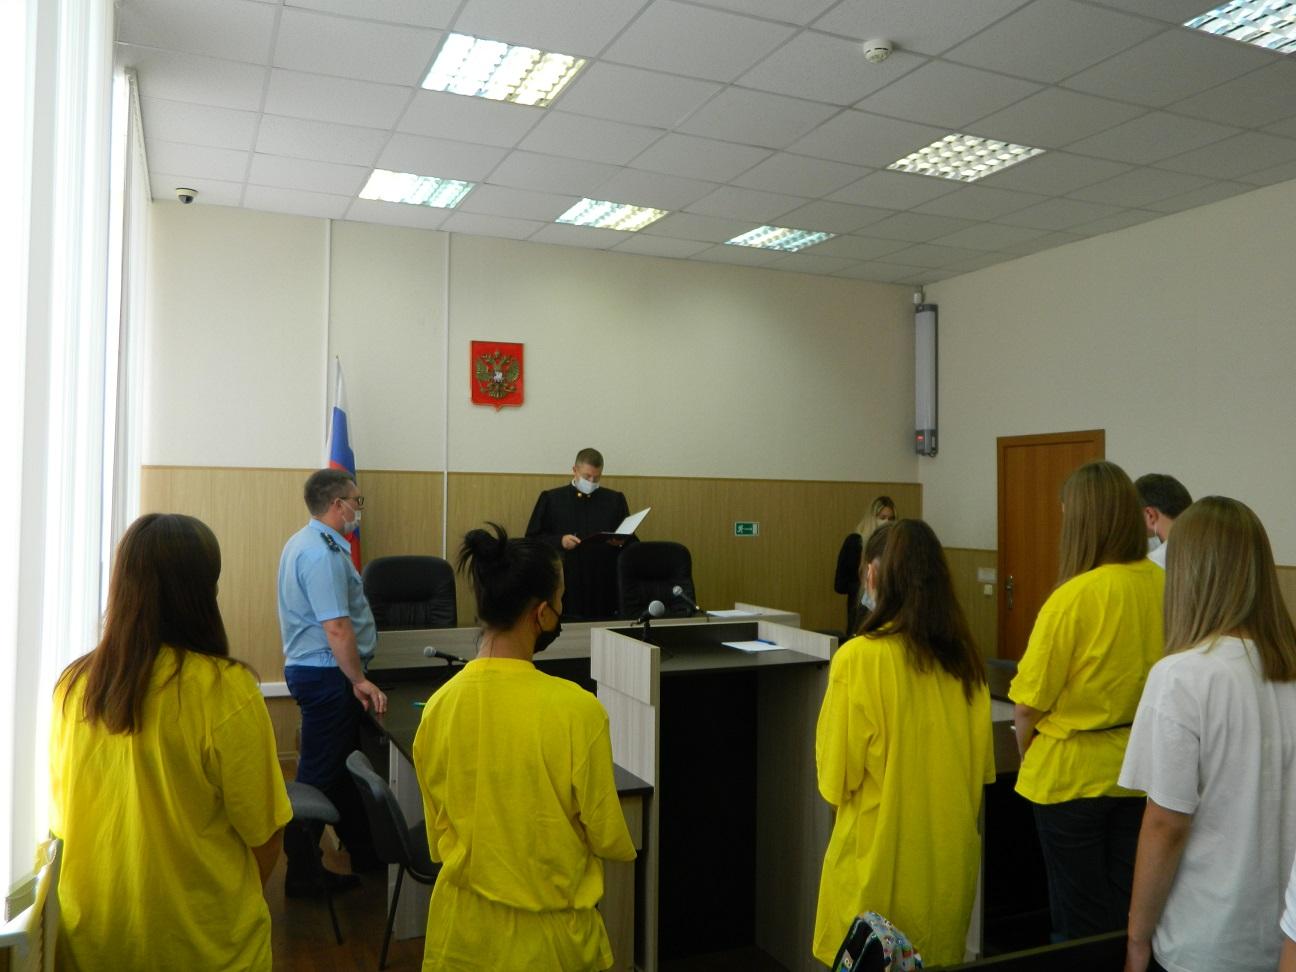 Пермских школьников пригласили в суд на урок с приговором